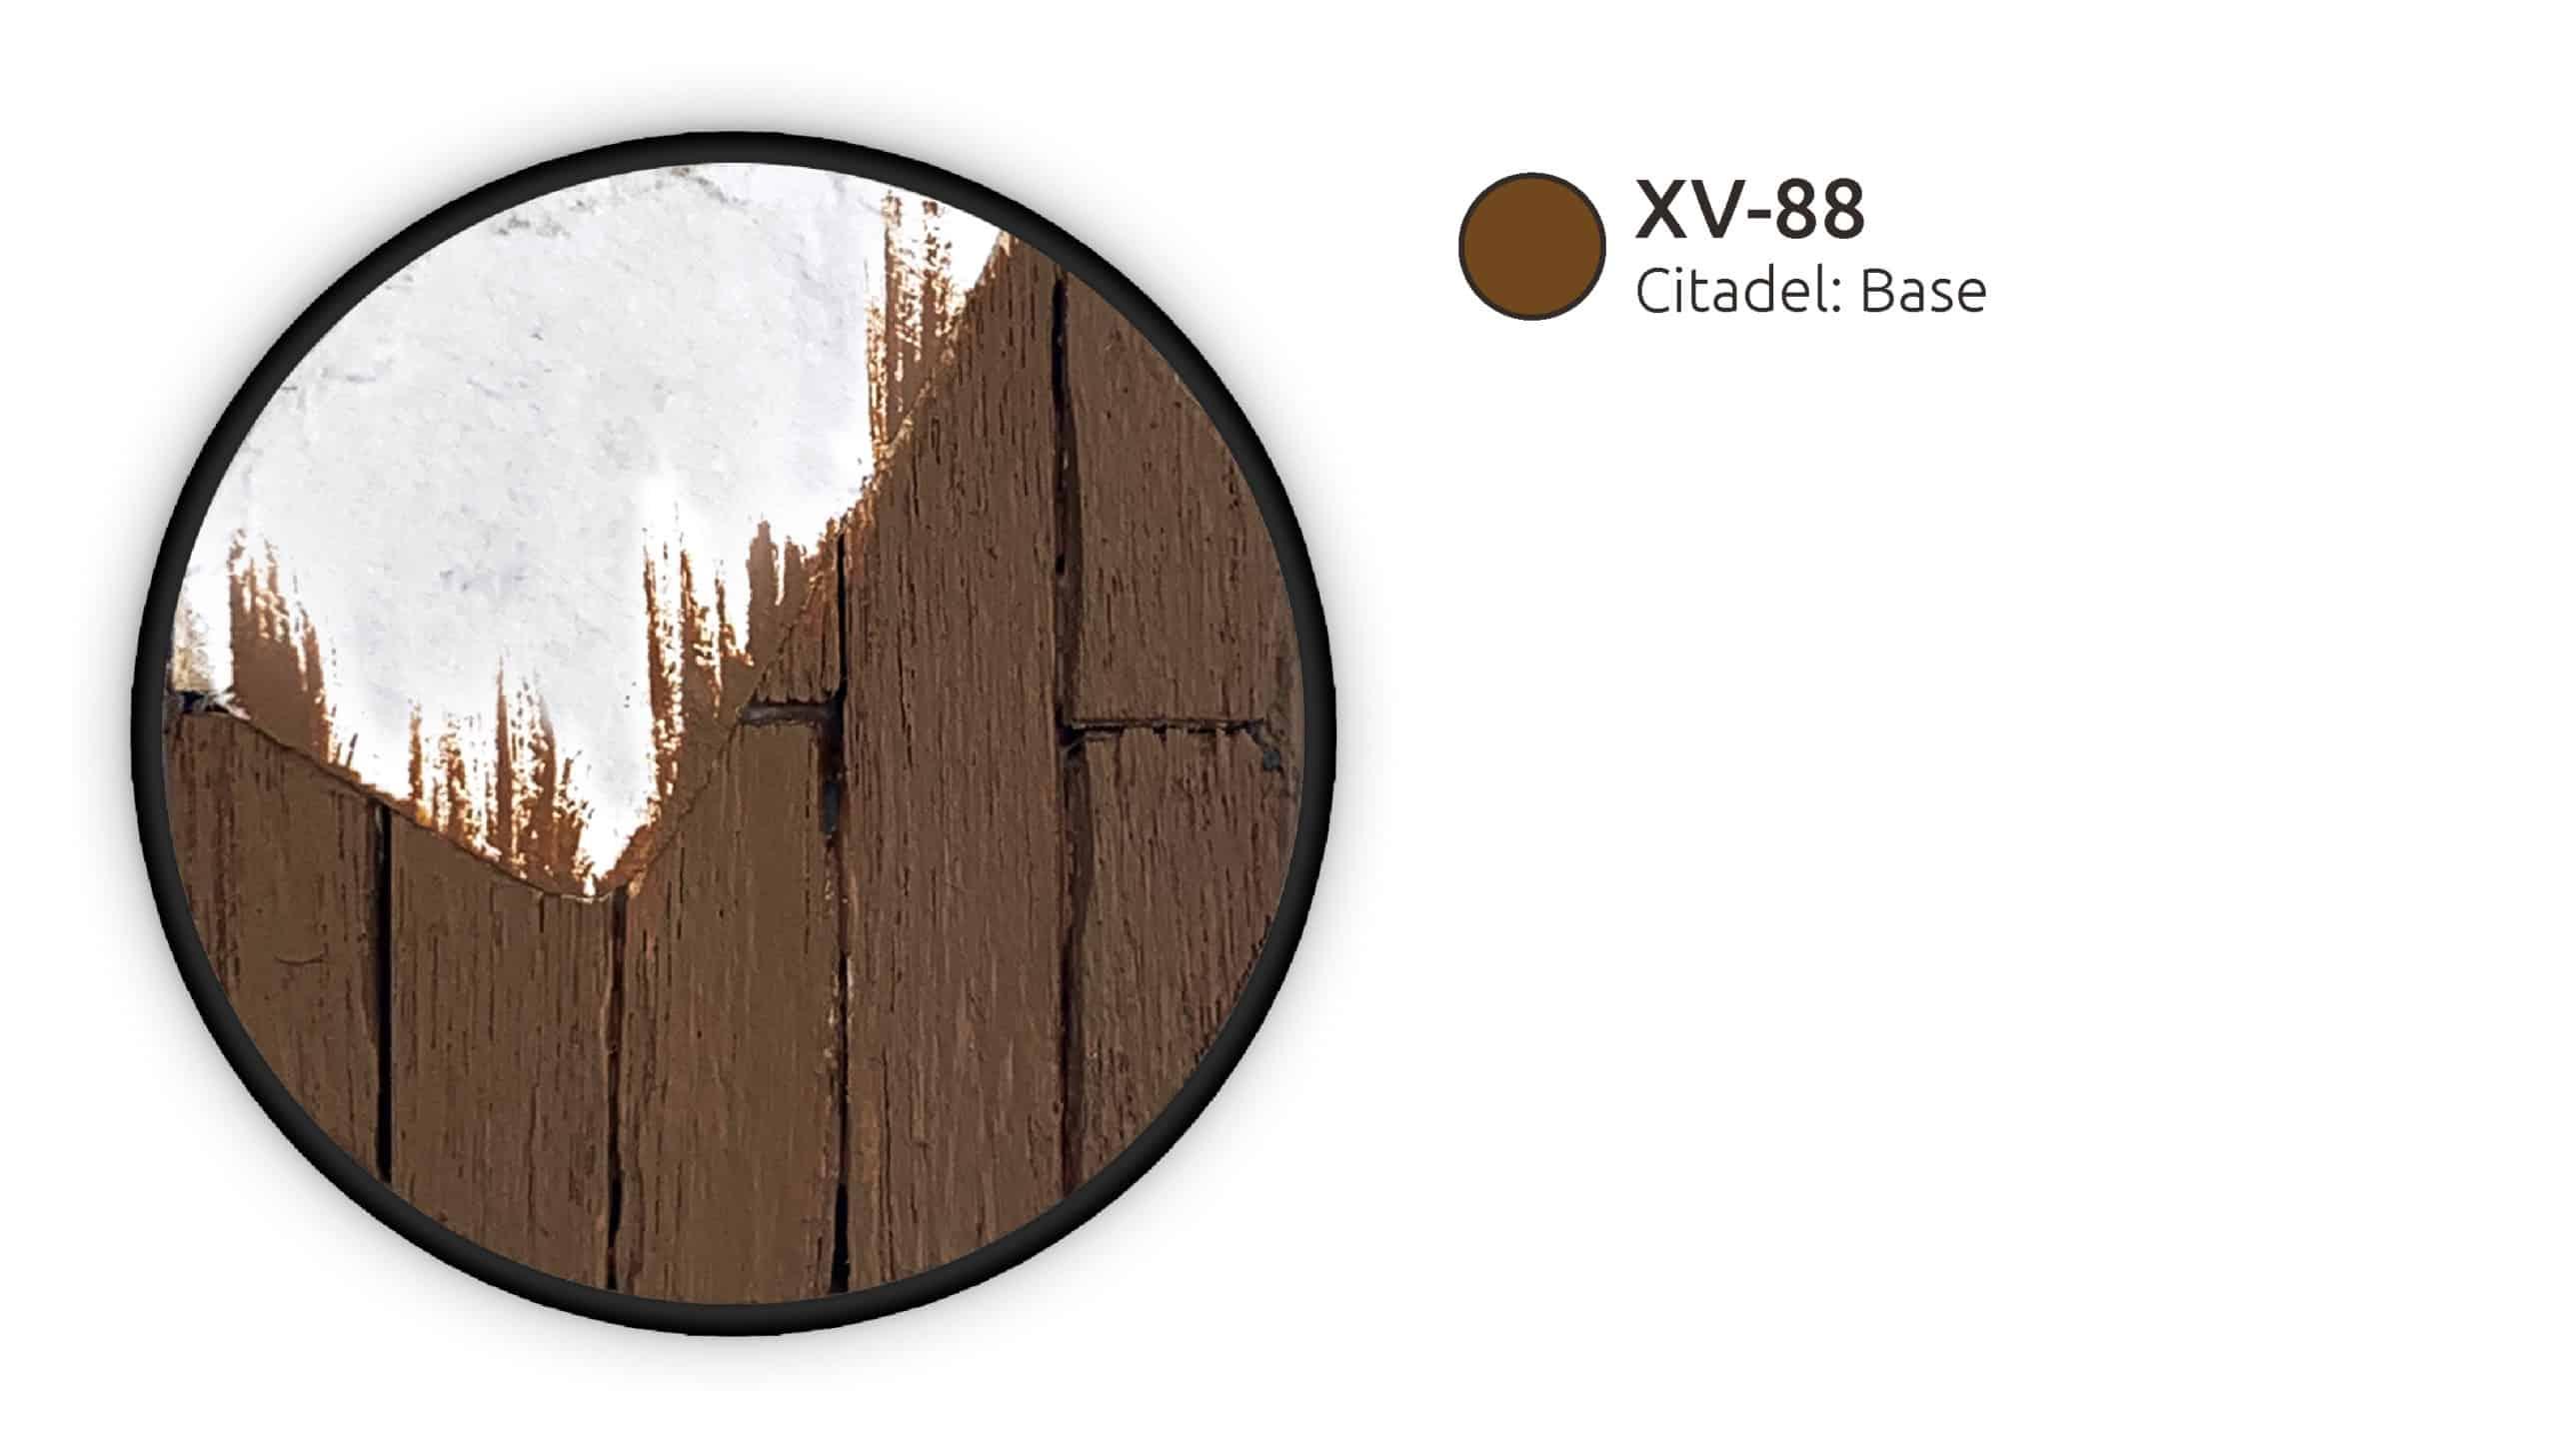 Die Holzboden-Base wurde mit XV-88 grundiert.